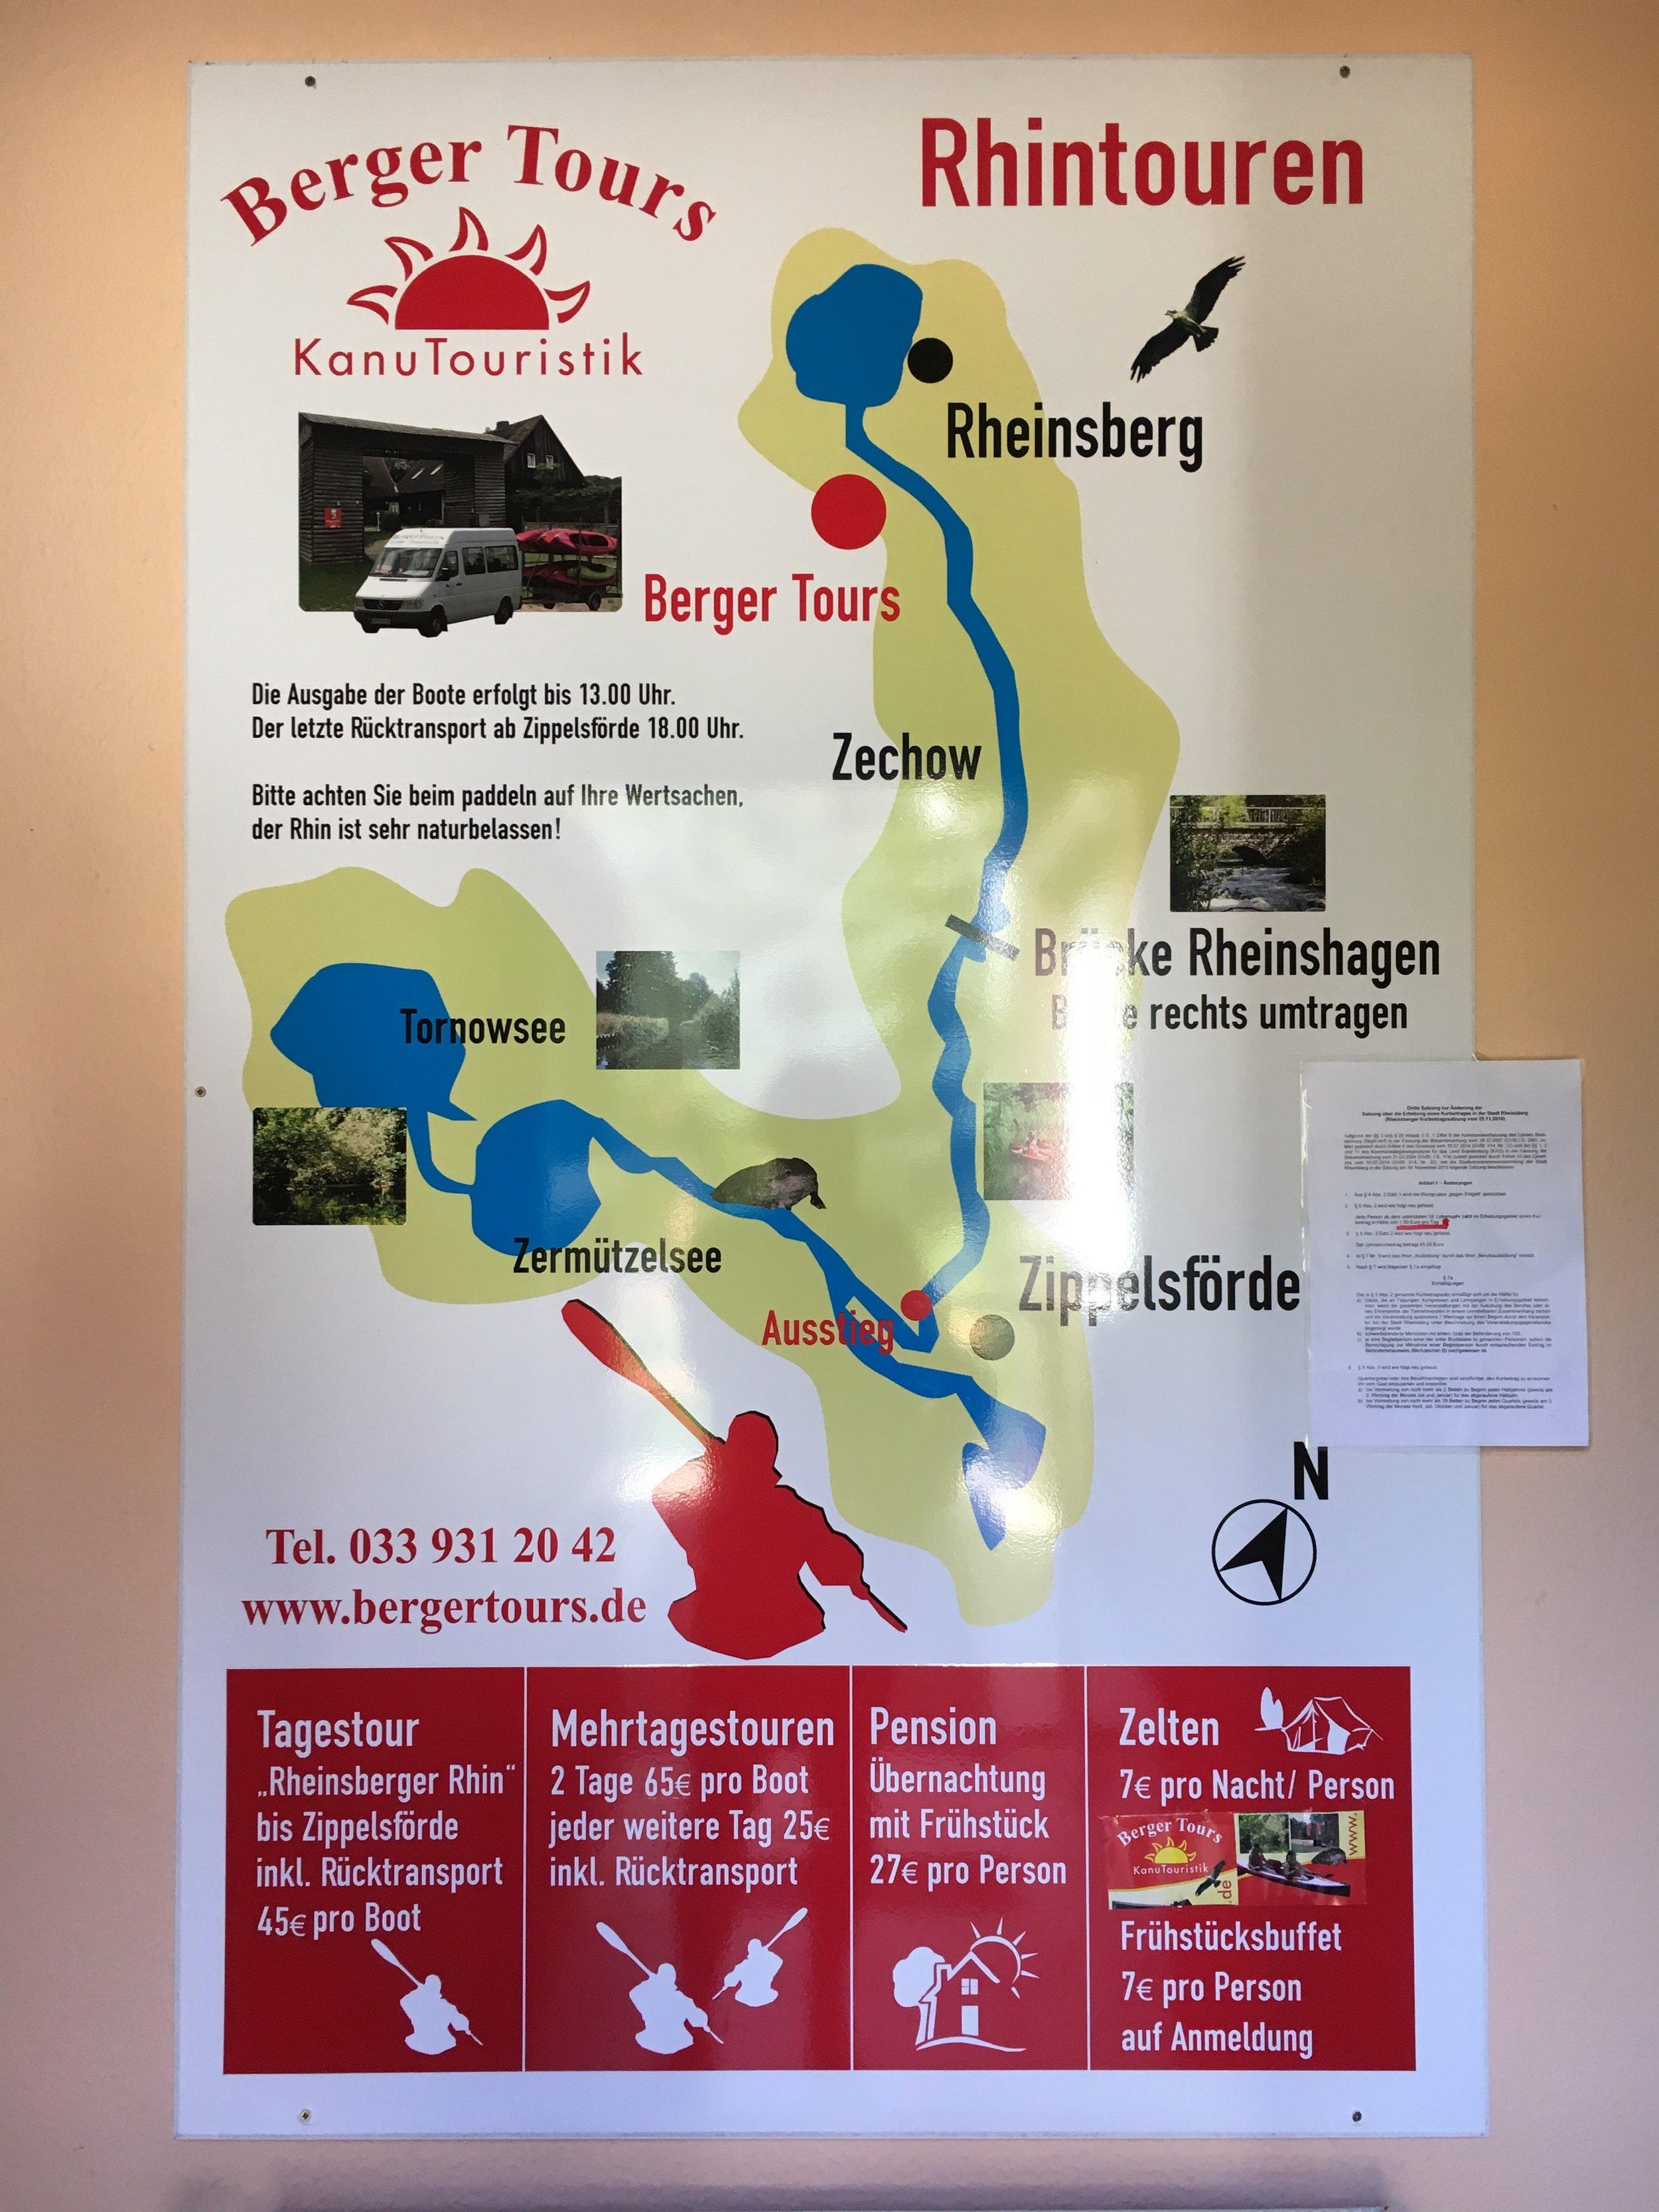 Berger-Tours-Rheinsberg-3